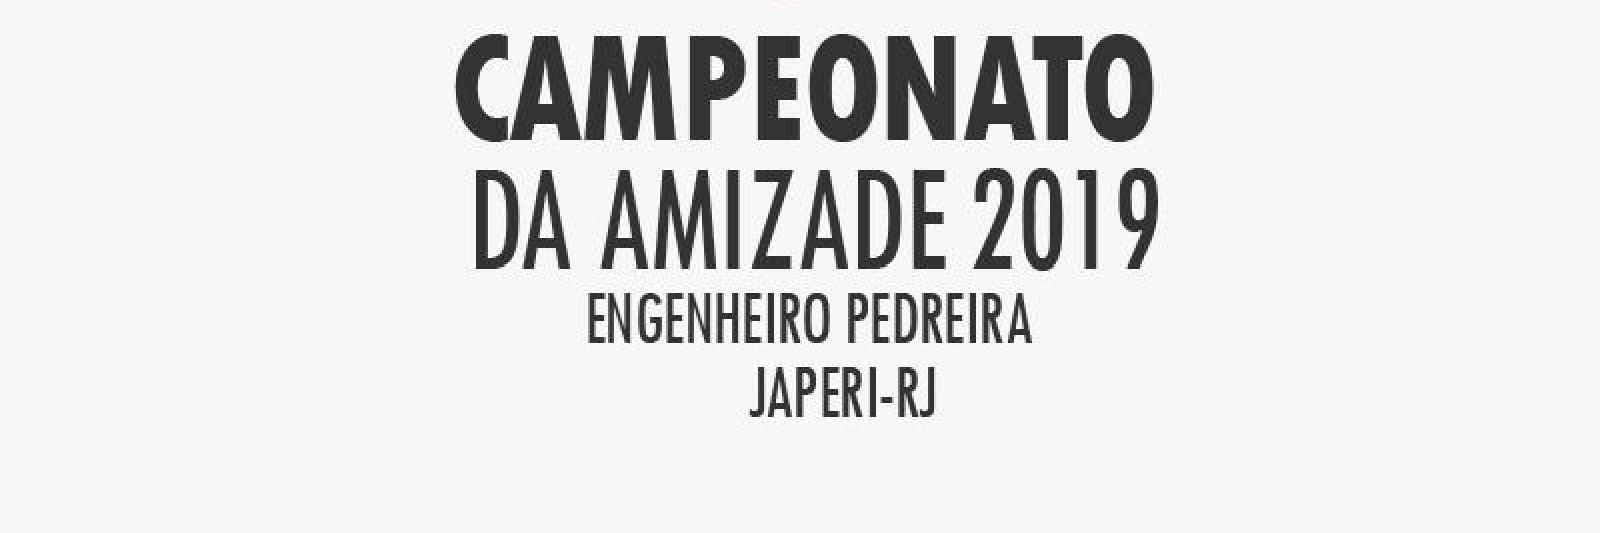 Campeonato Da Amizade